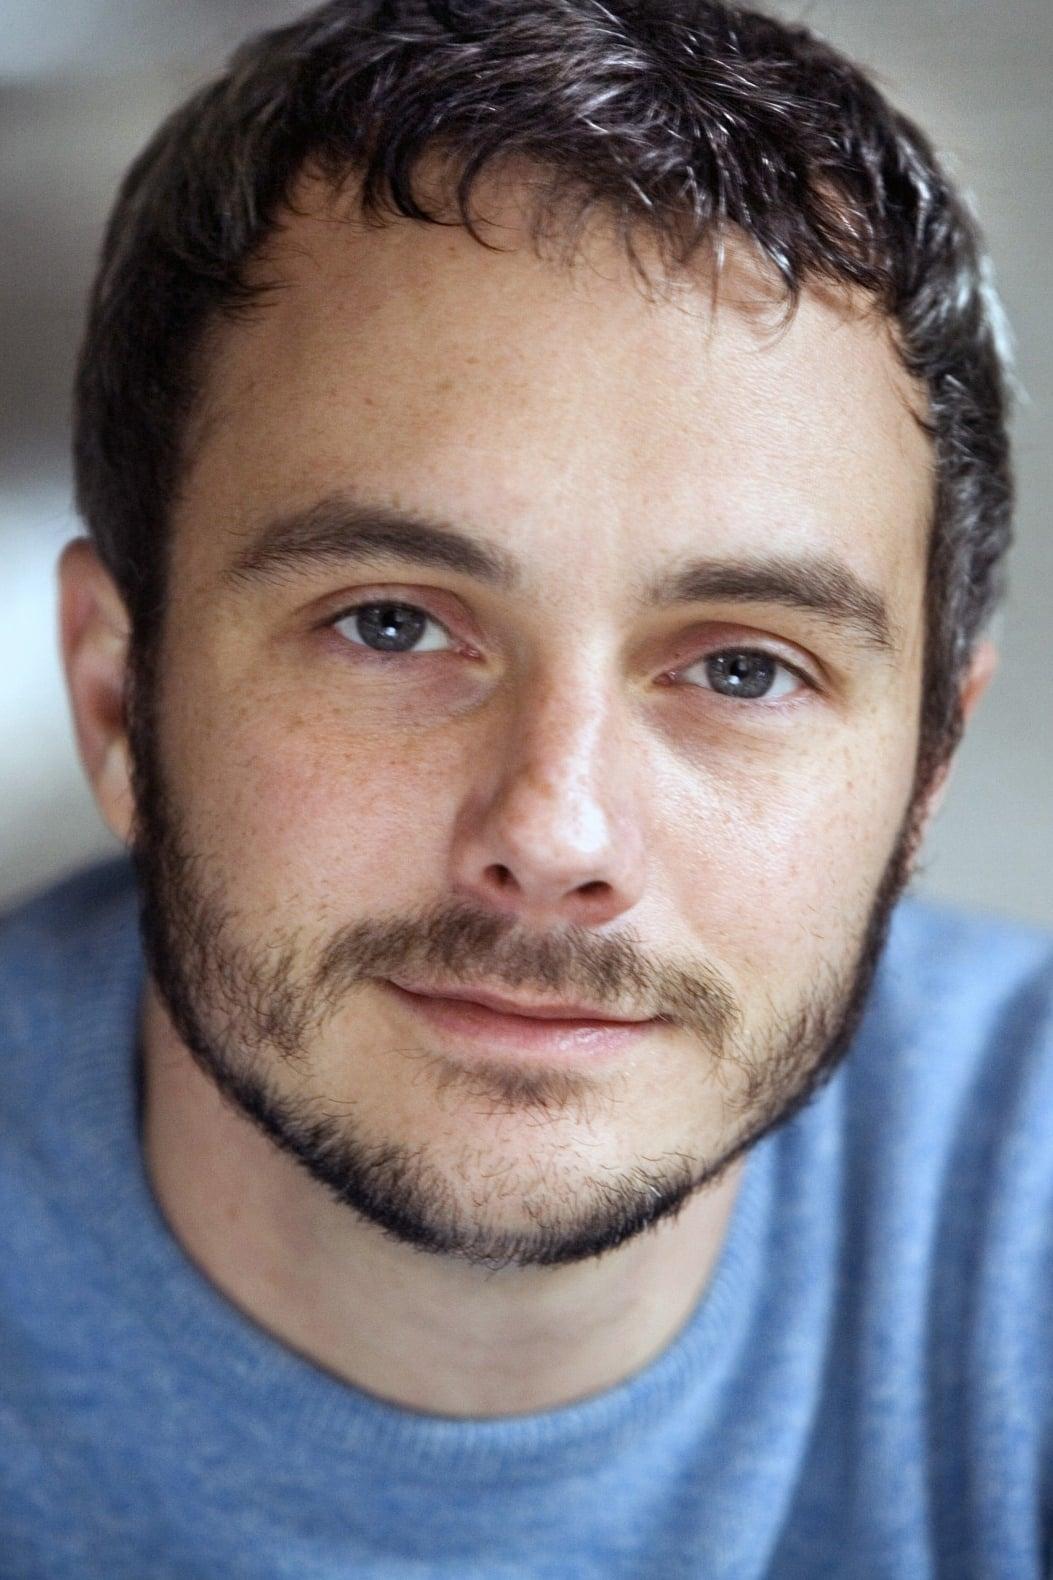 Vincent Bolduc